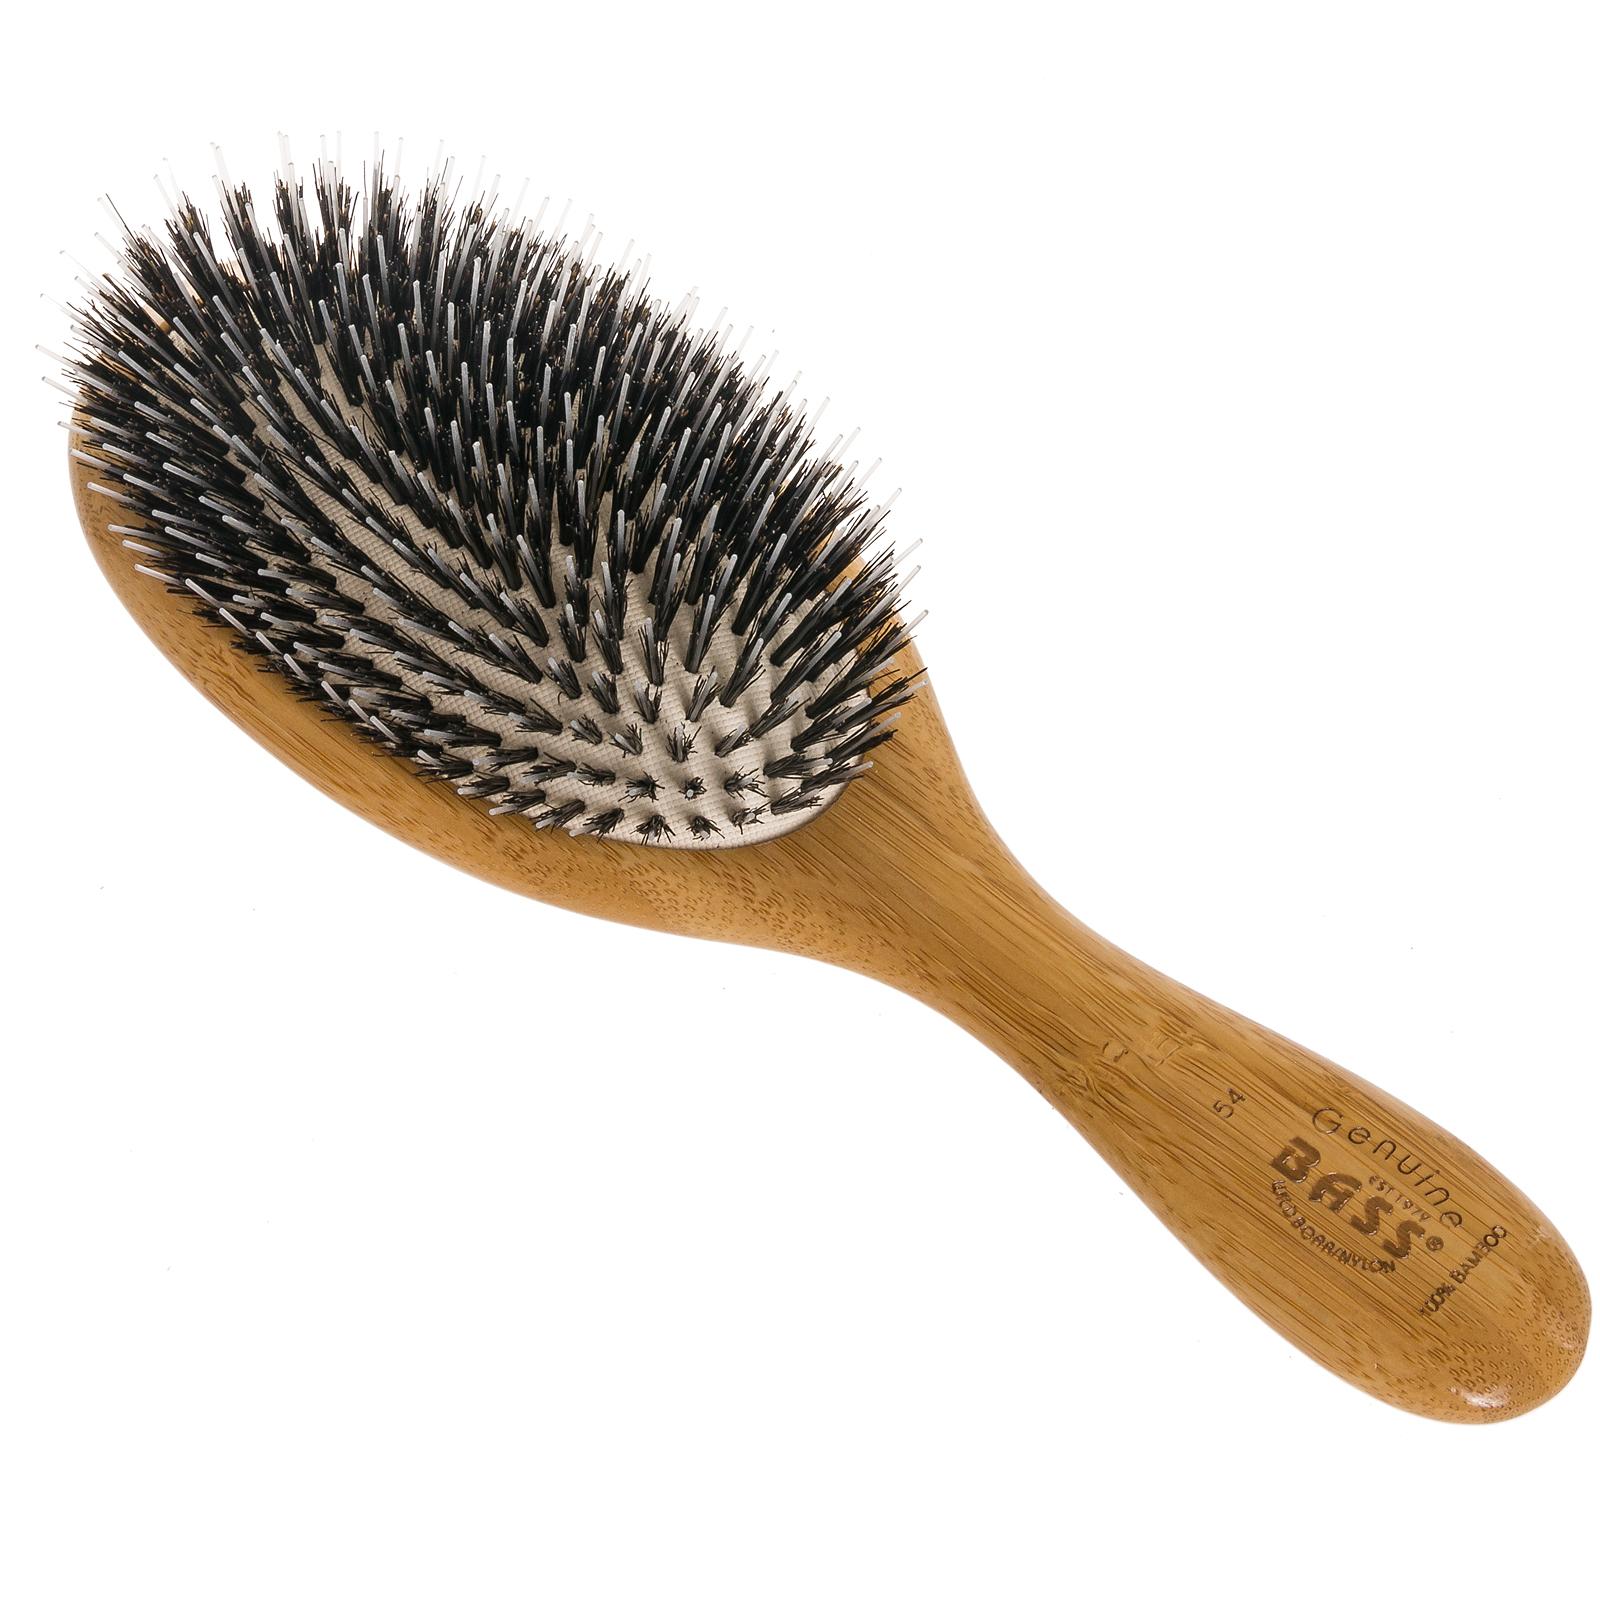 Bass boar hair brush